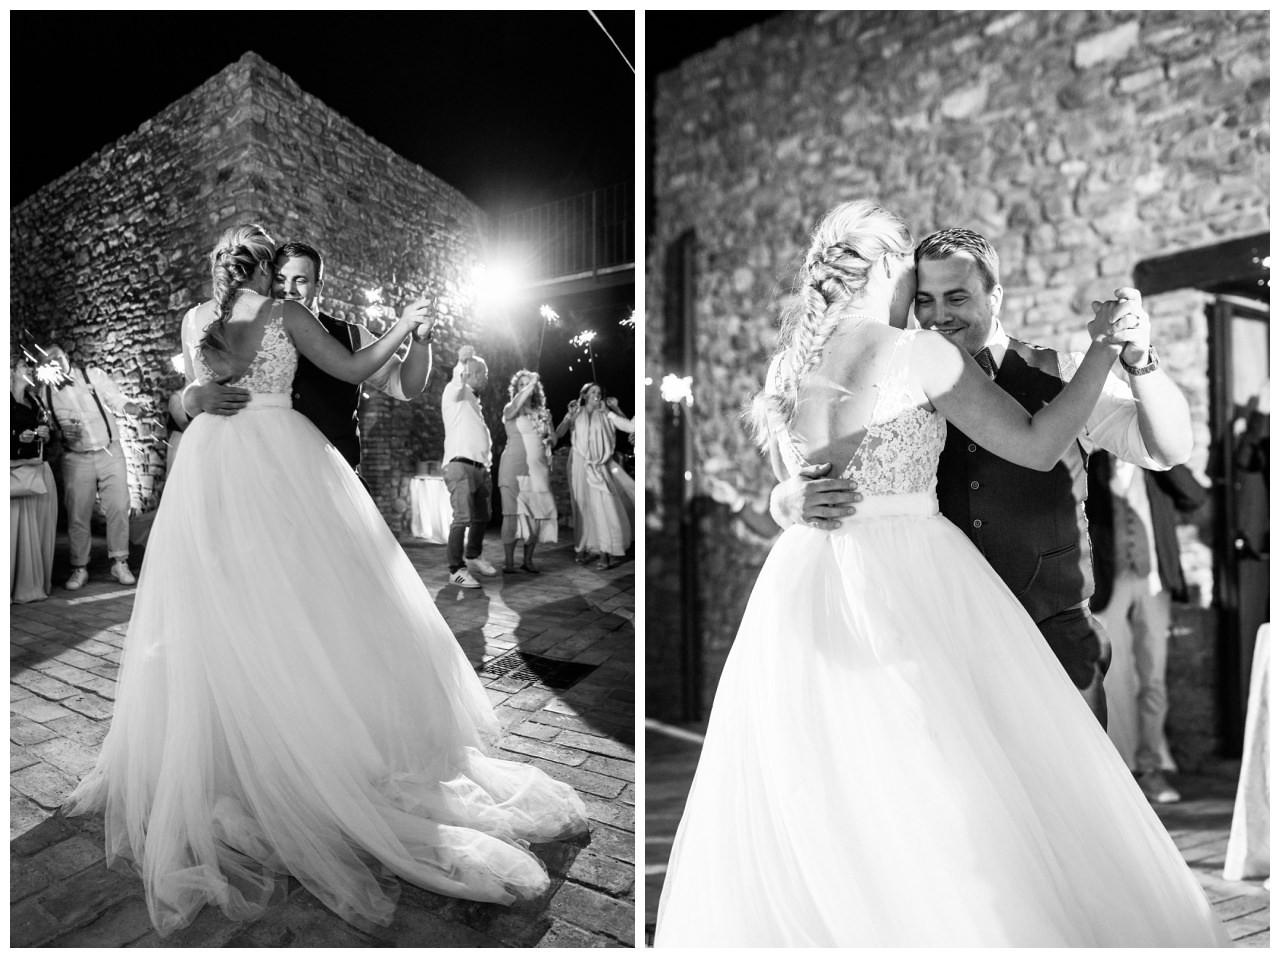 Hochzeit in Italien Hochzeitsfotograf Toskana Freie Trauung 76 - Hochzeit in Italien